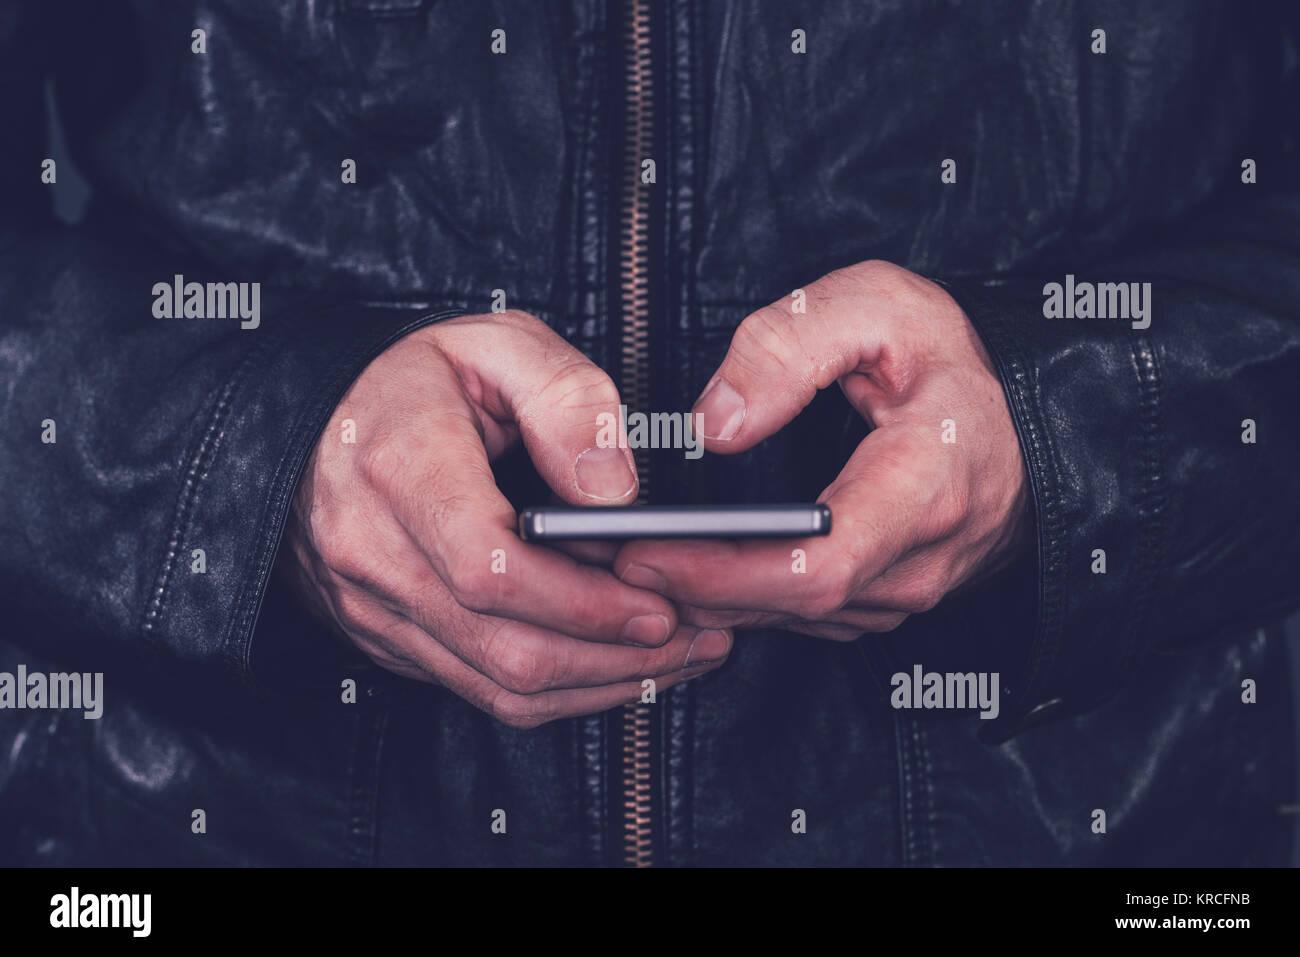 Mann in der Lederjacke mit Handy für den Versand von SMS. Moderne Technologie und lifestyle Konzept. Stockfoto